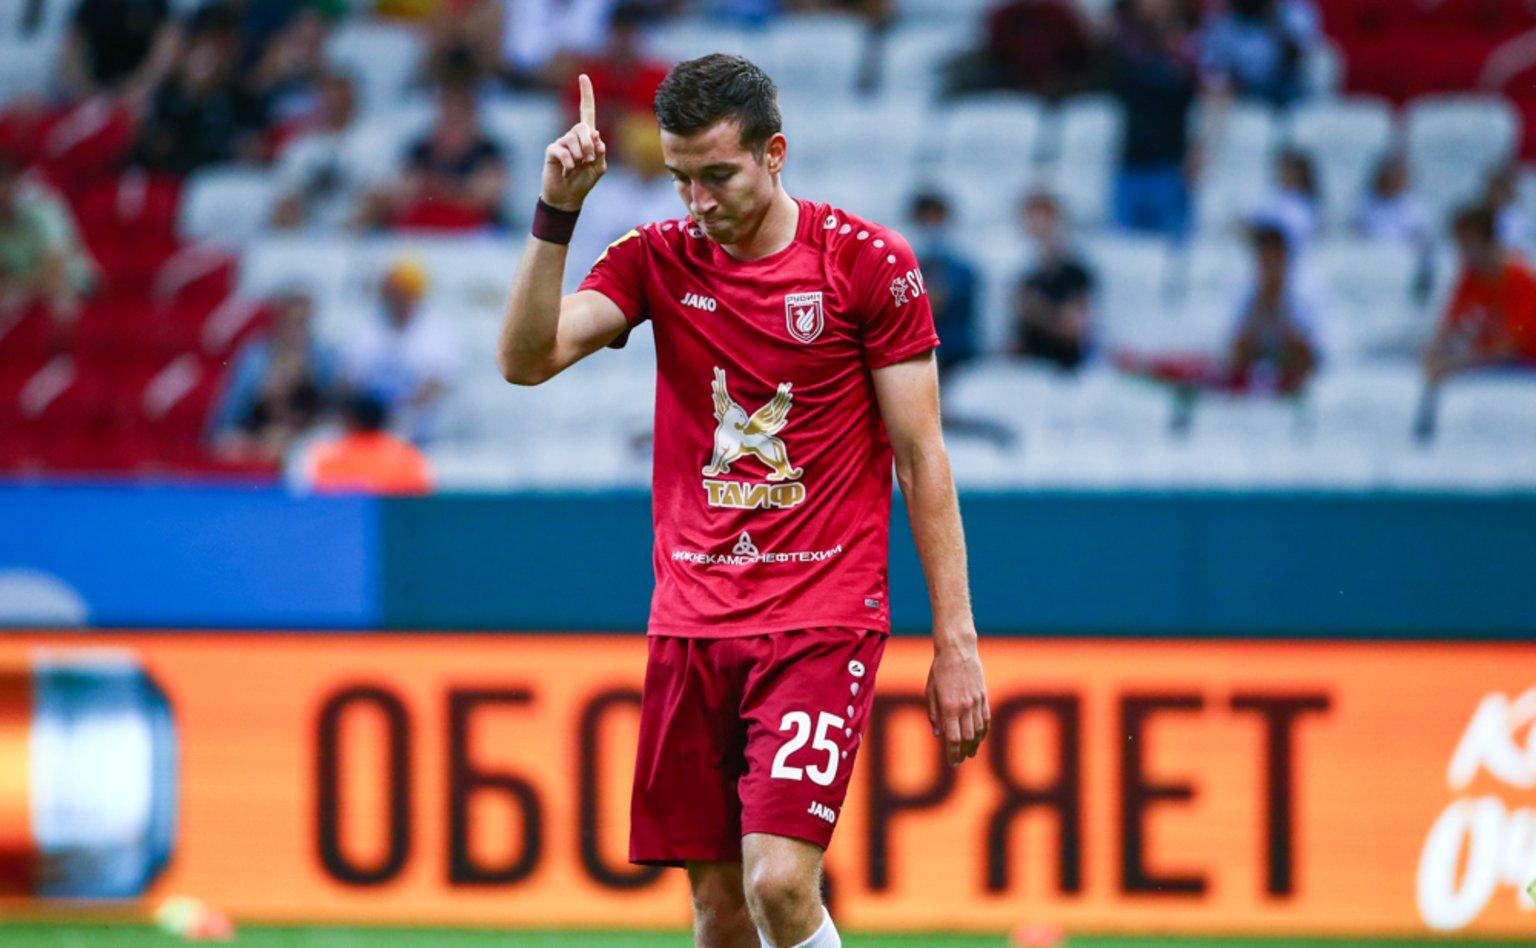 «Рубин» предложит Макарову новый контракт на улучшенных условиях